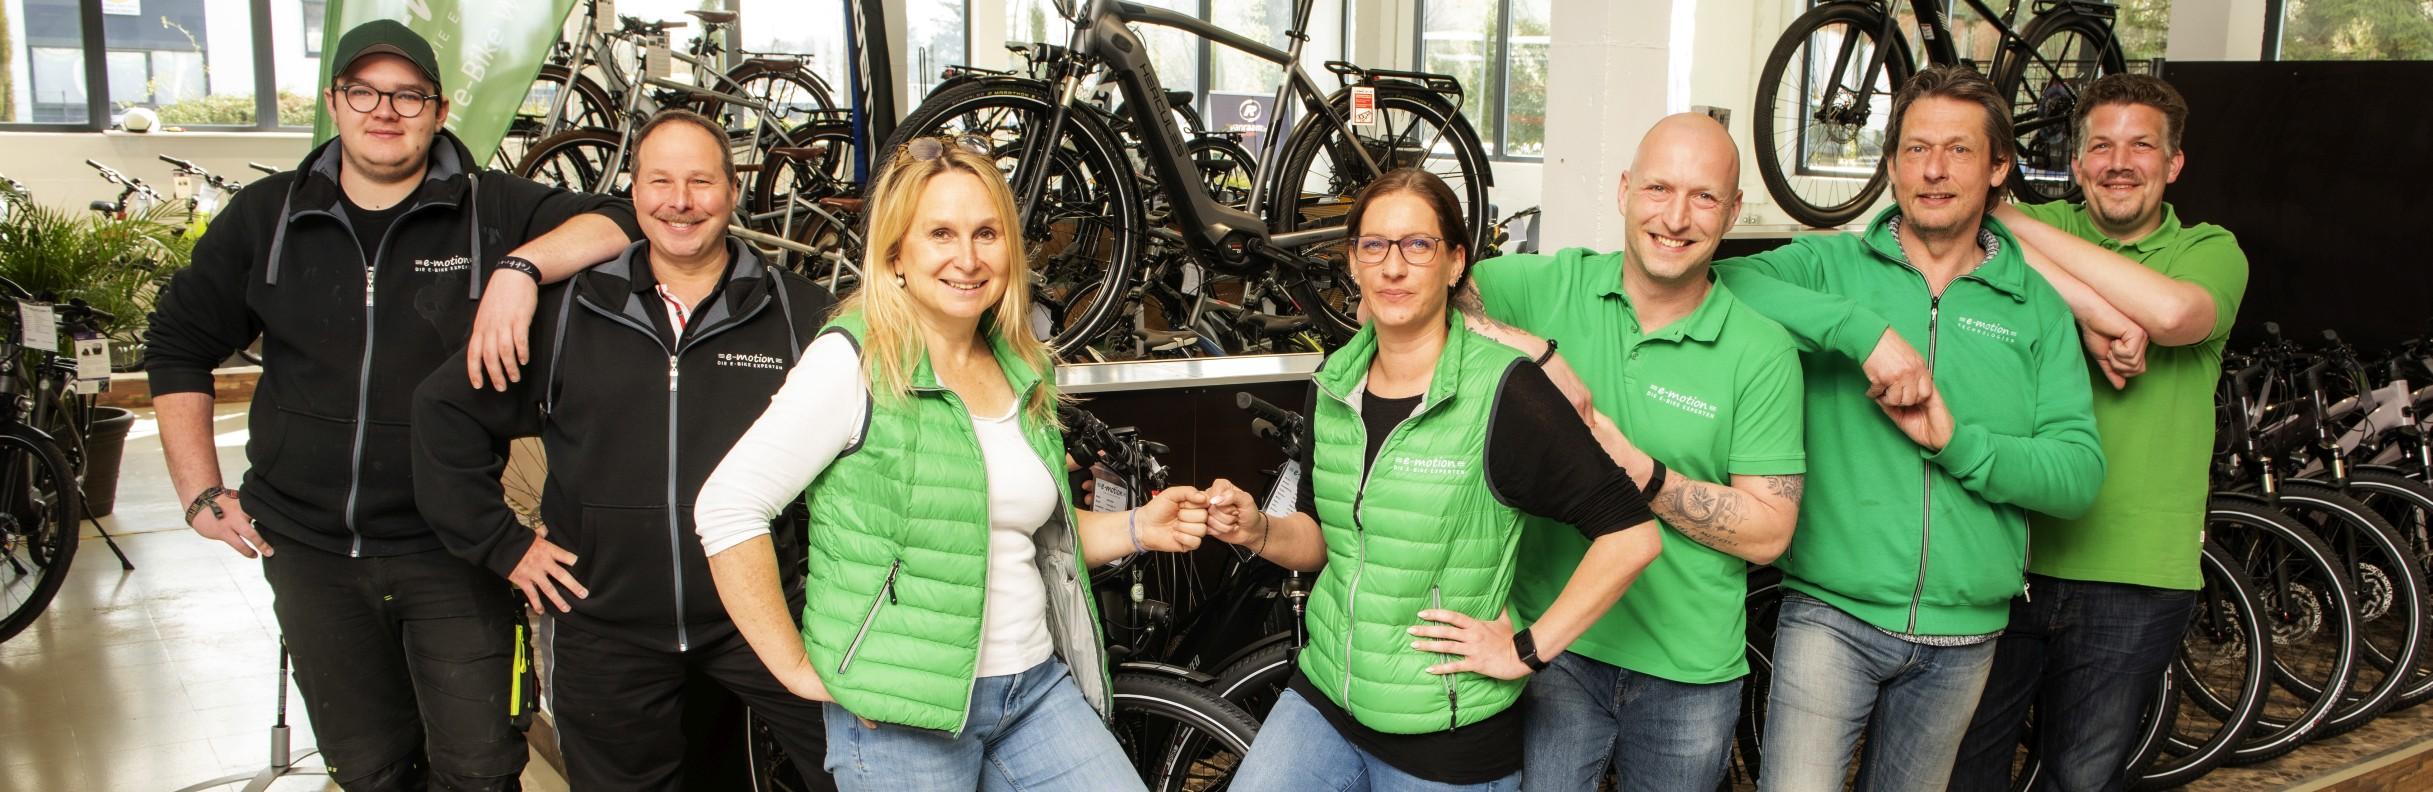 e-motion e-Bike Welt Bad Kreuznach